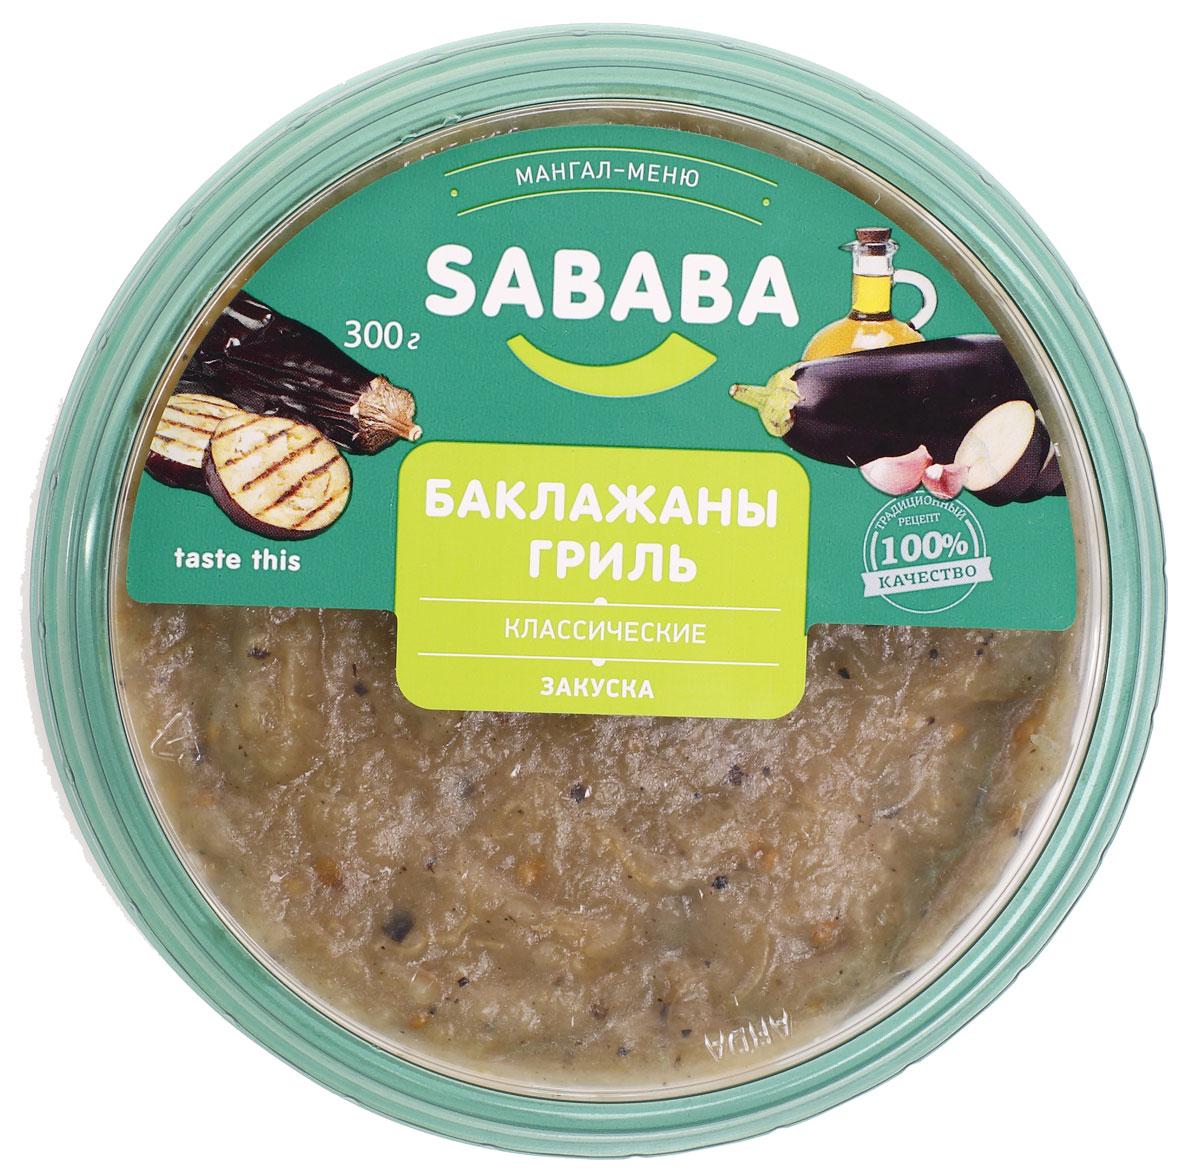 Вкуснейший салат и закуска. Отличное дополнение к горячим блюдам из мяса, рыбы и овощей. Идеальная заправка для сандвичей, брускетта и бутербродов. Может использоваться как основа для салата или овощной икры (Сотэ). Не содержит ингредиентов животного происхождения. Сытный и постный продукт.